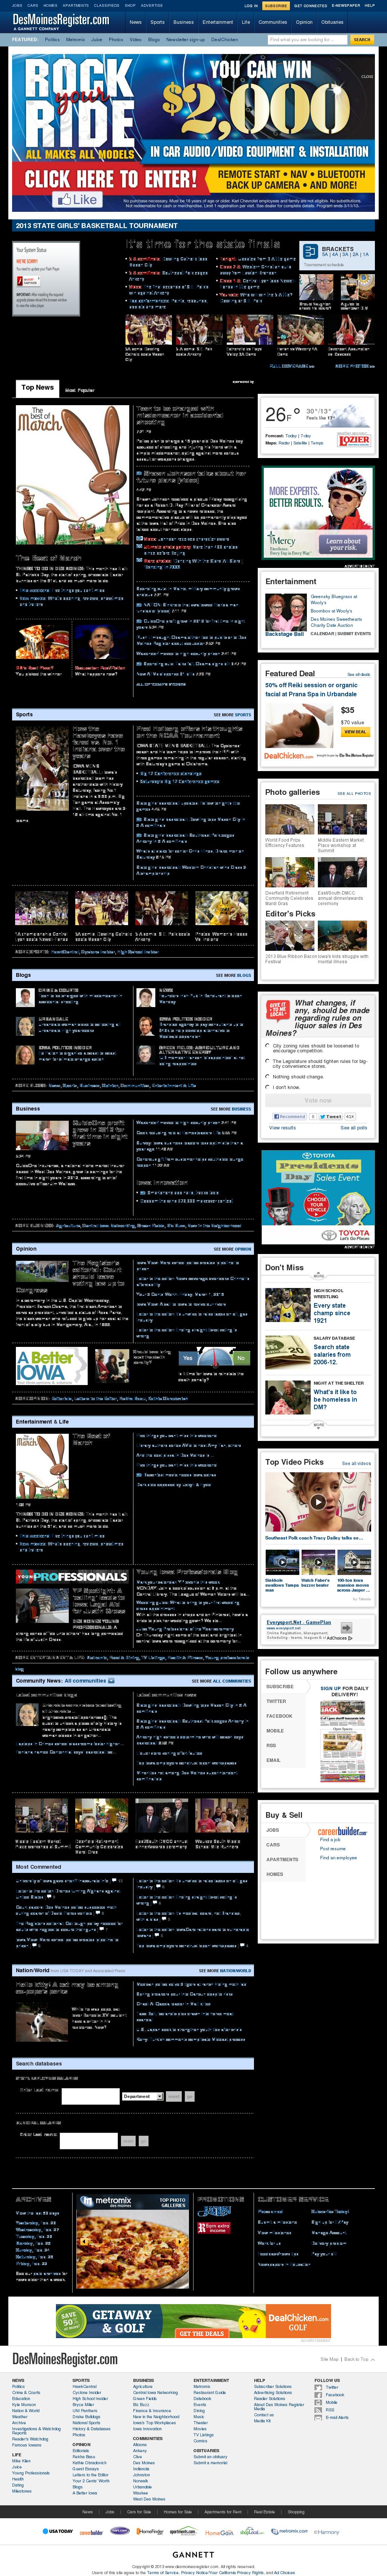 DesMoinesRegister.com at Saturday March 2, 2013, 4:04 a.m. UTC